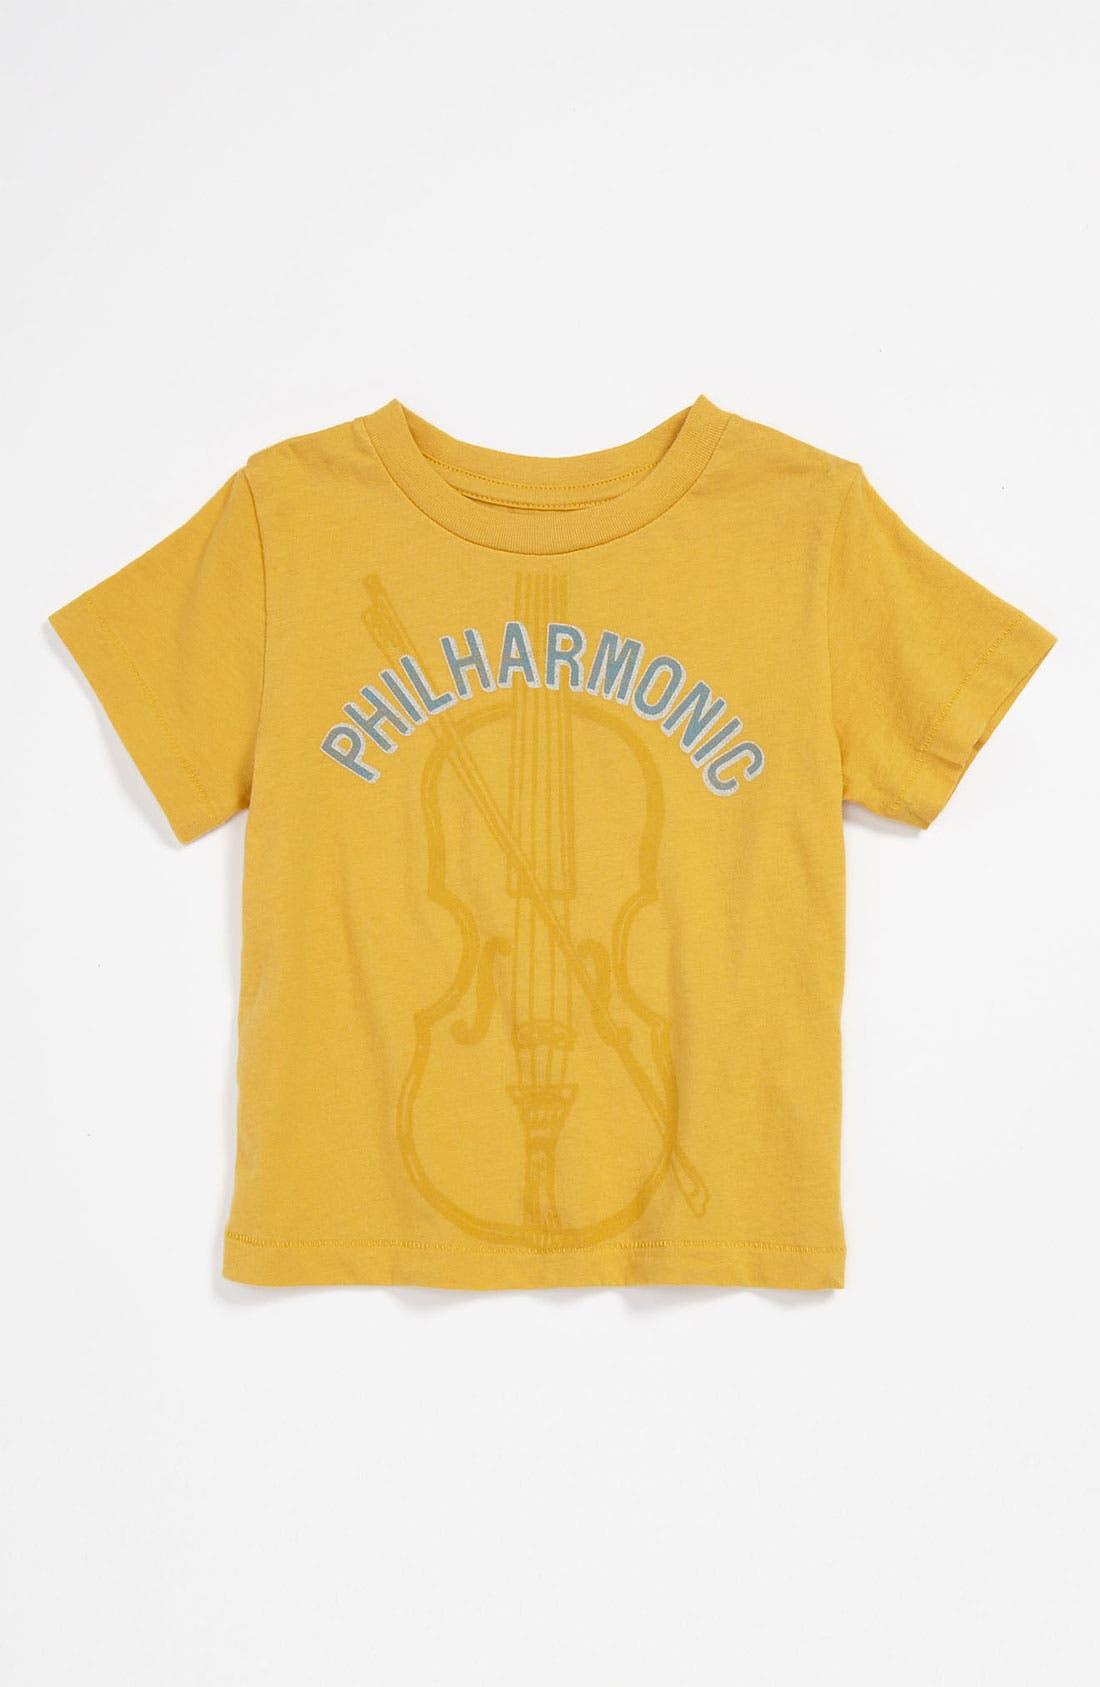 'Philharmonic' T-Shirt,                             Main thumbnail 1, color,                             Gold